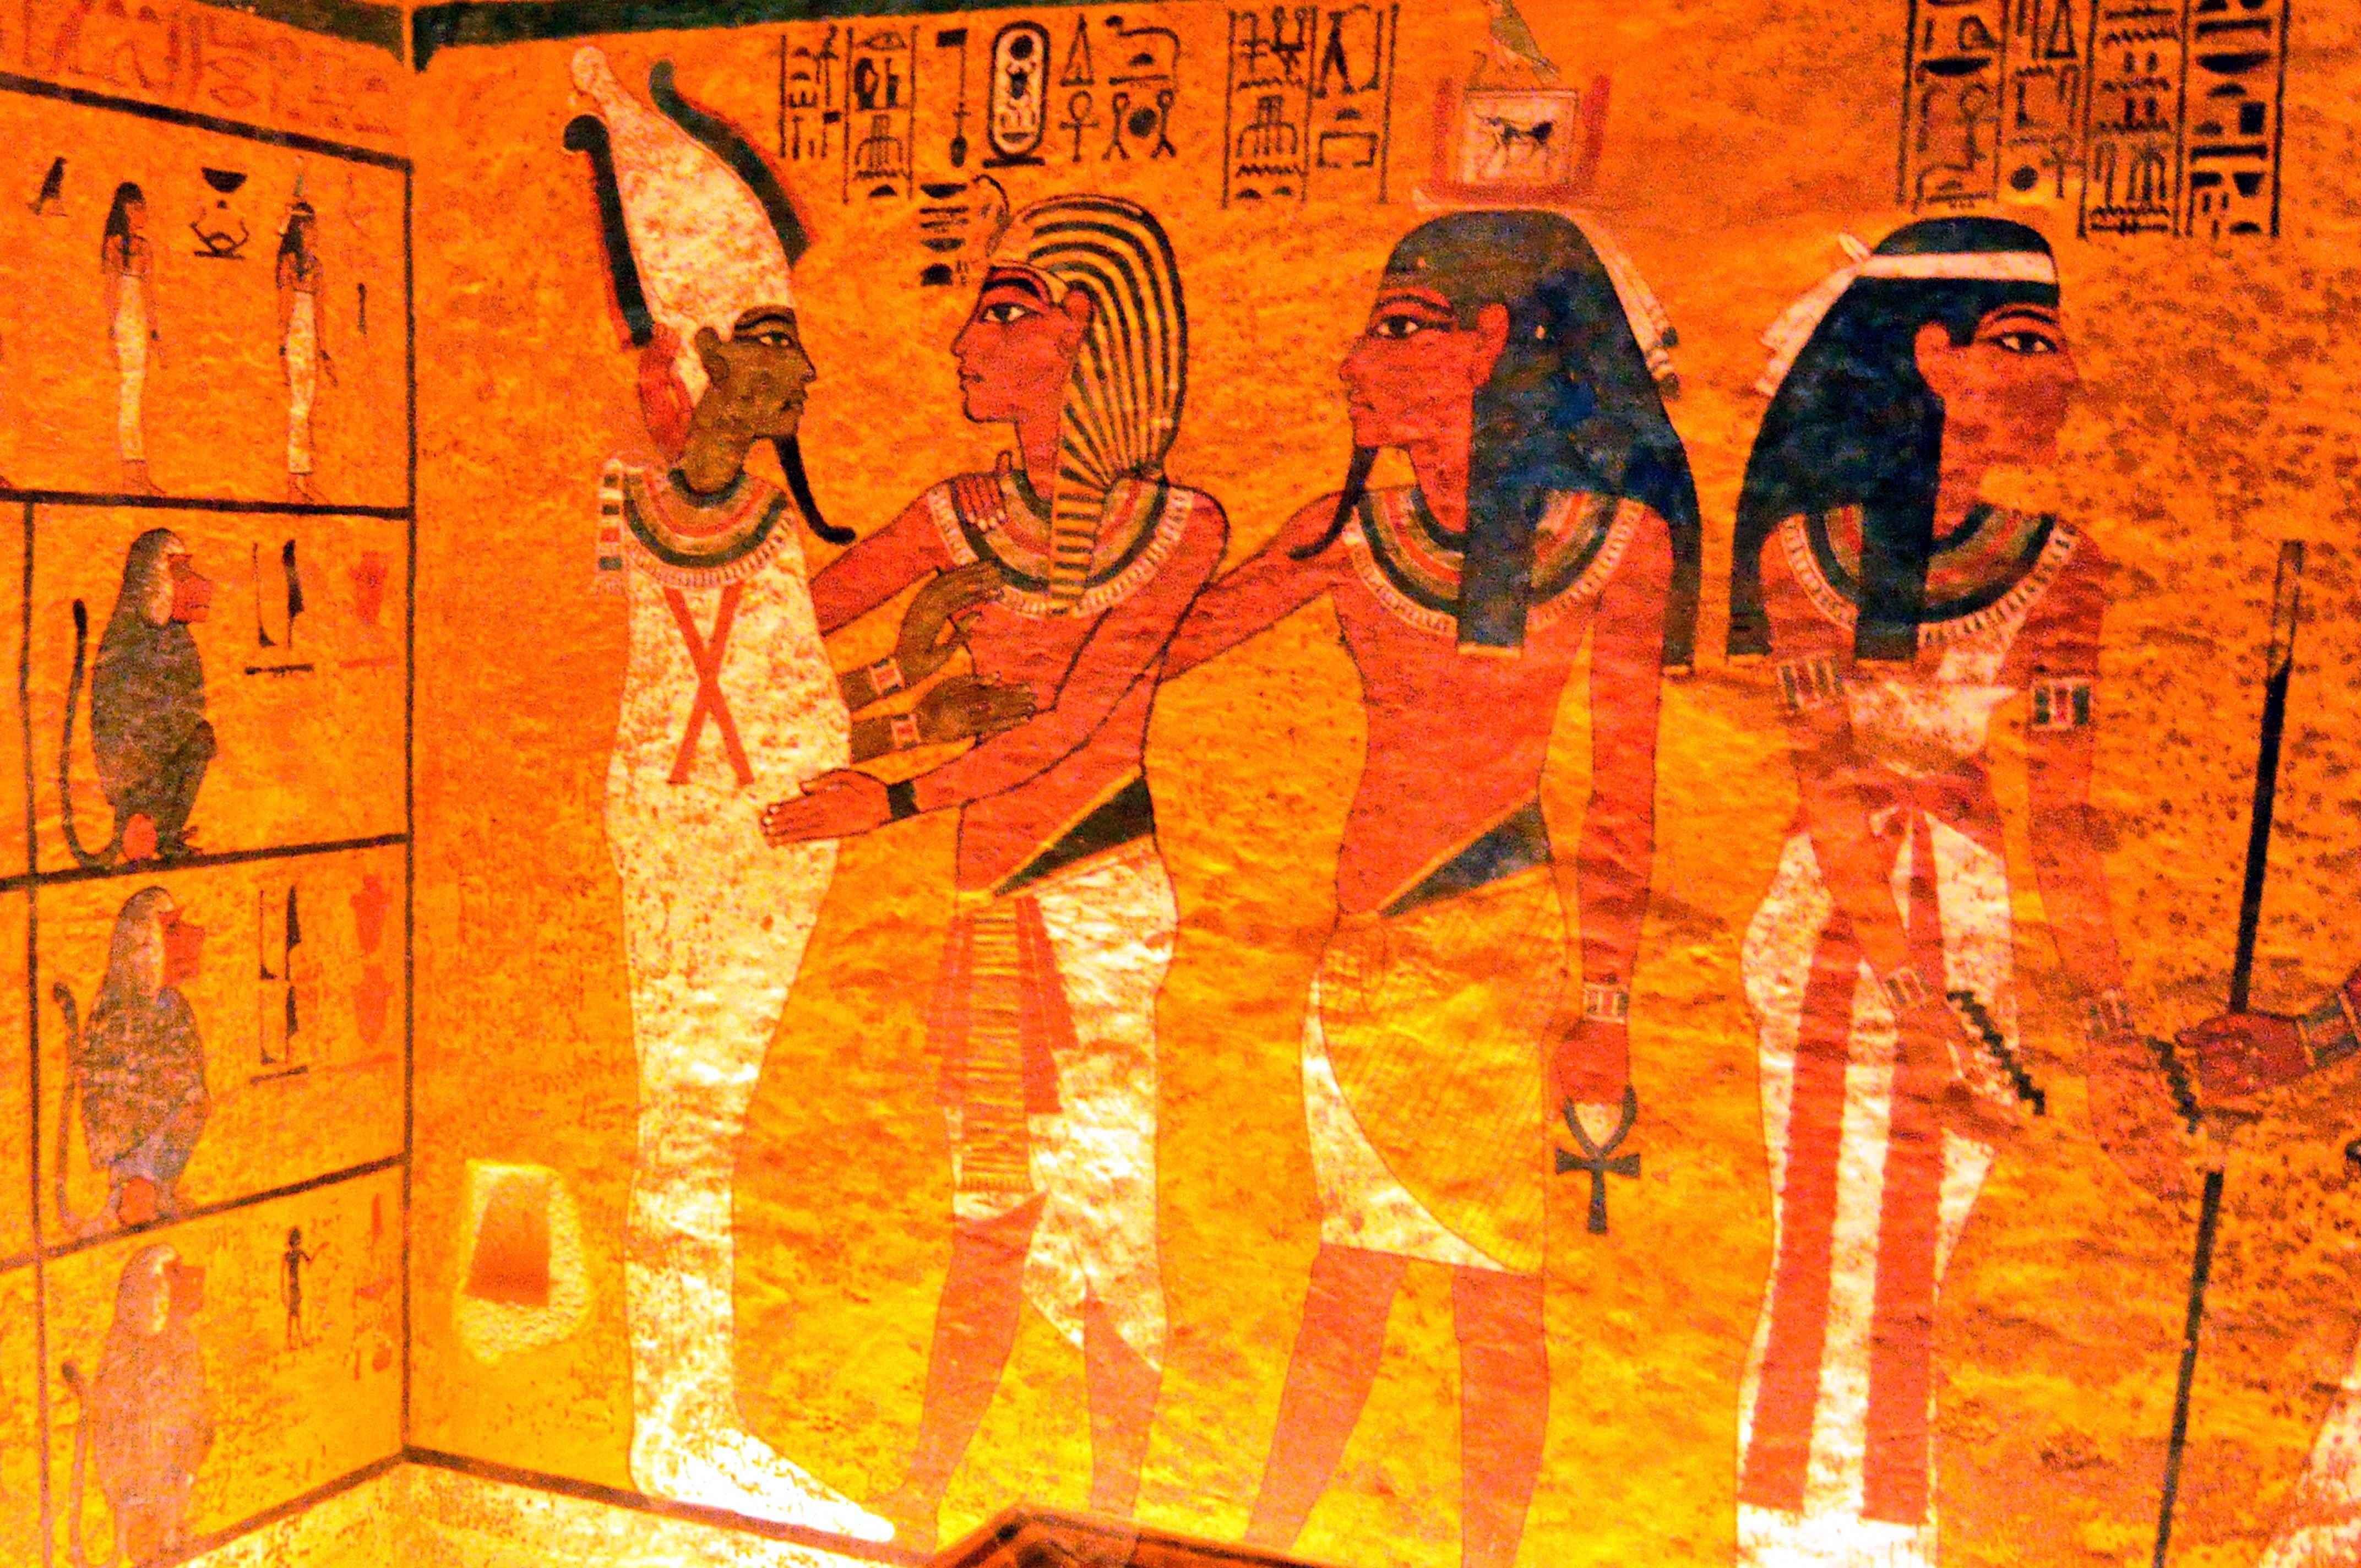 imagen tutankamon 1508197970342234